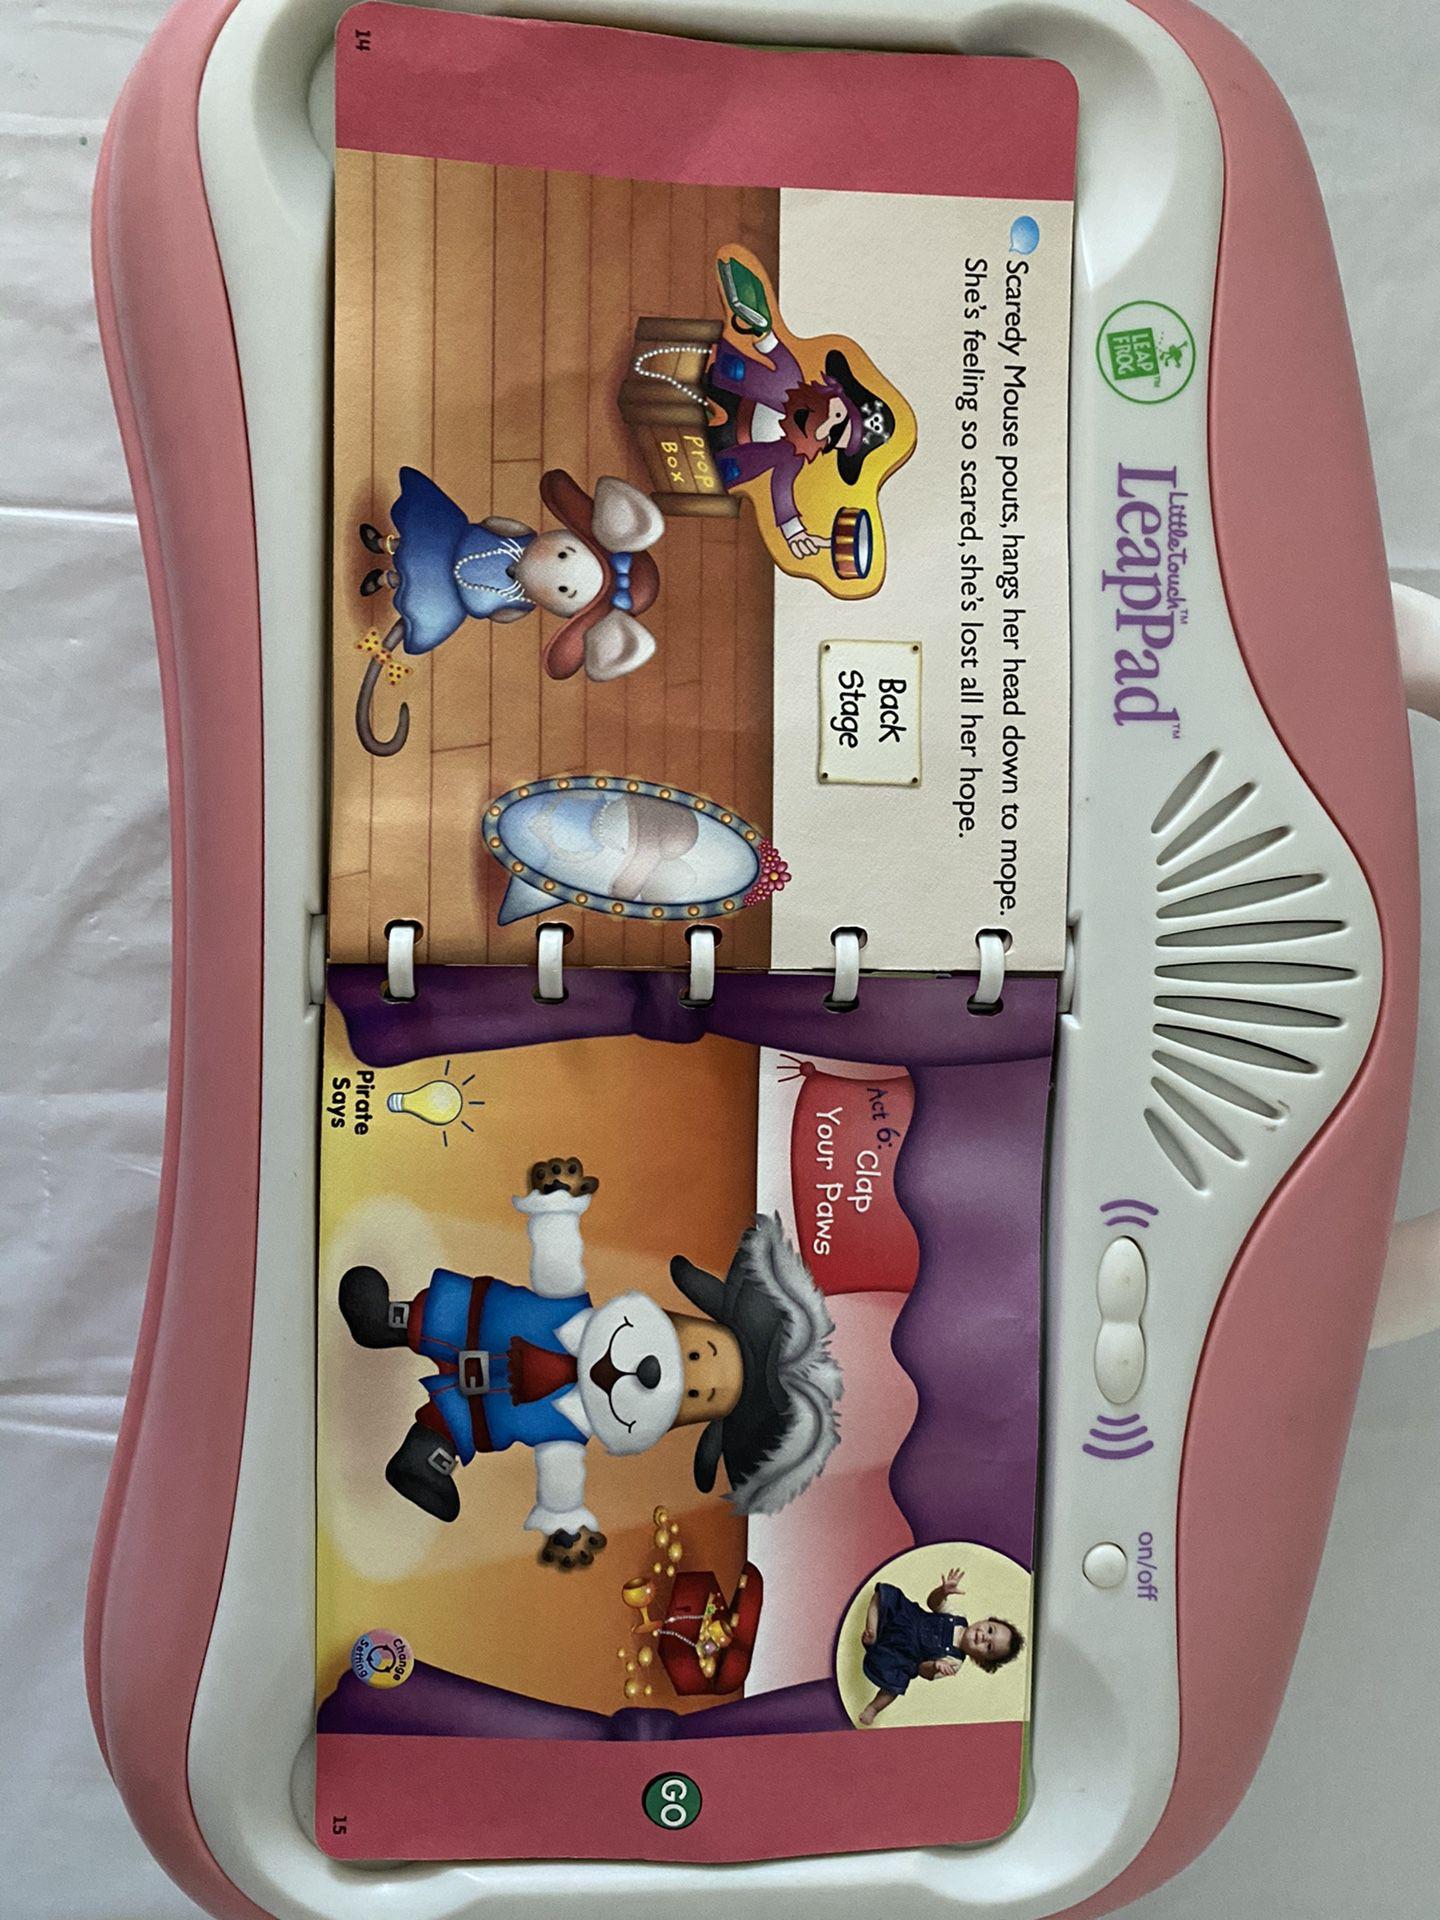 Little Touch LeapFrog LeapPad